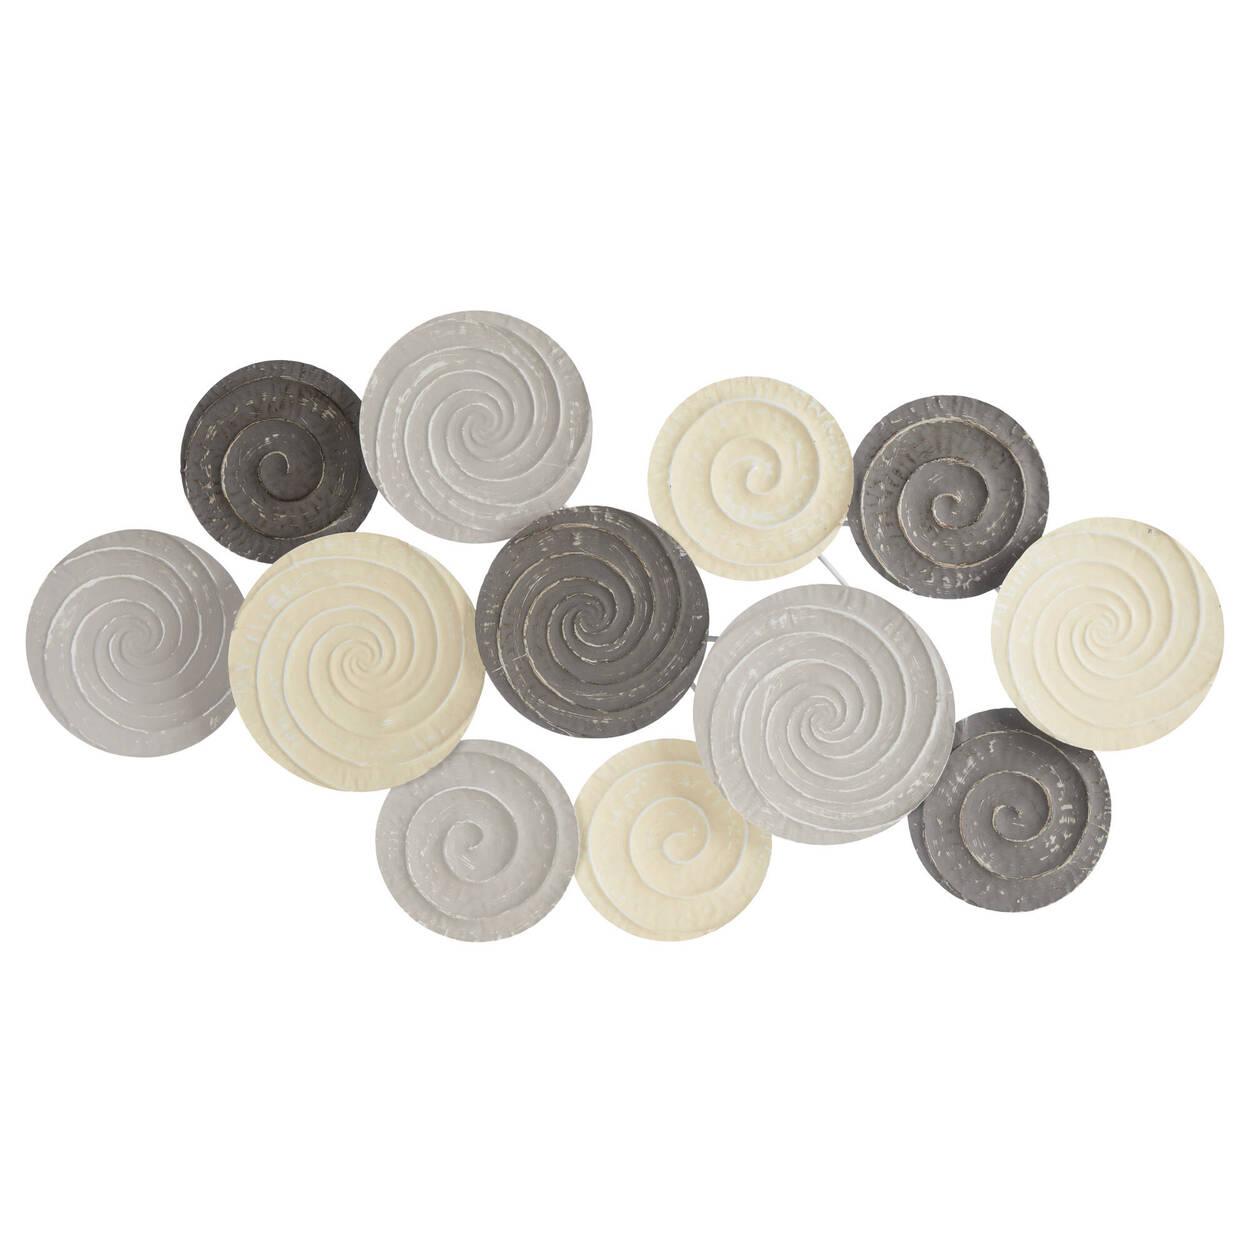 Metal circles wall art